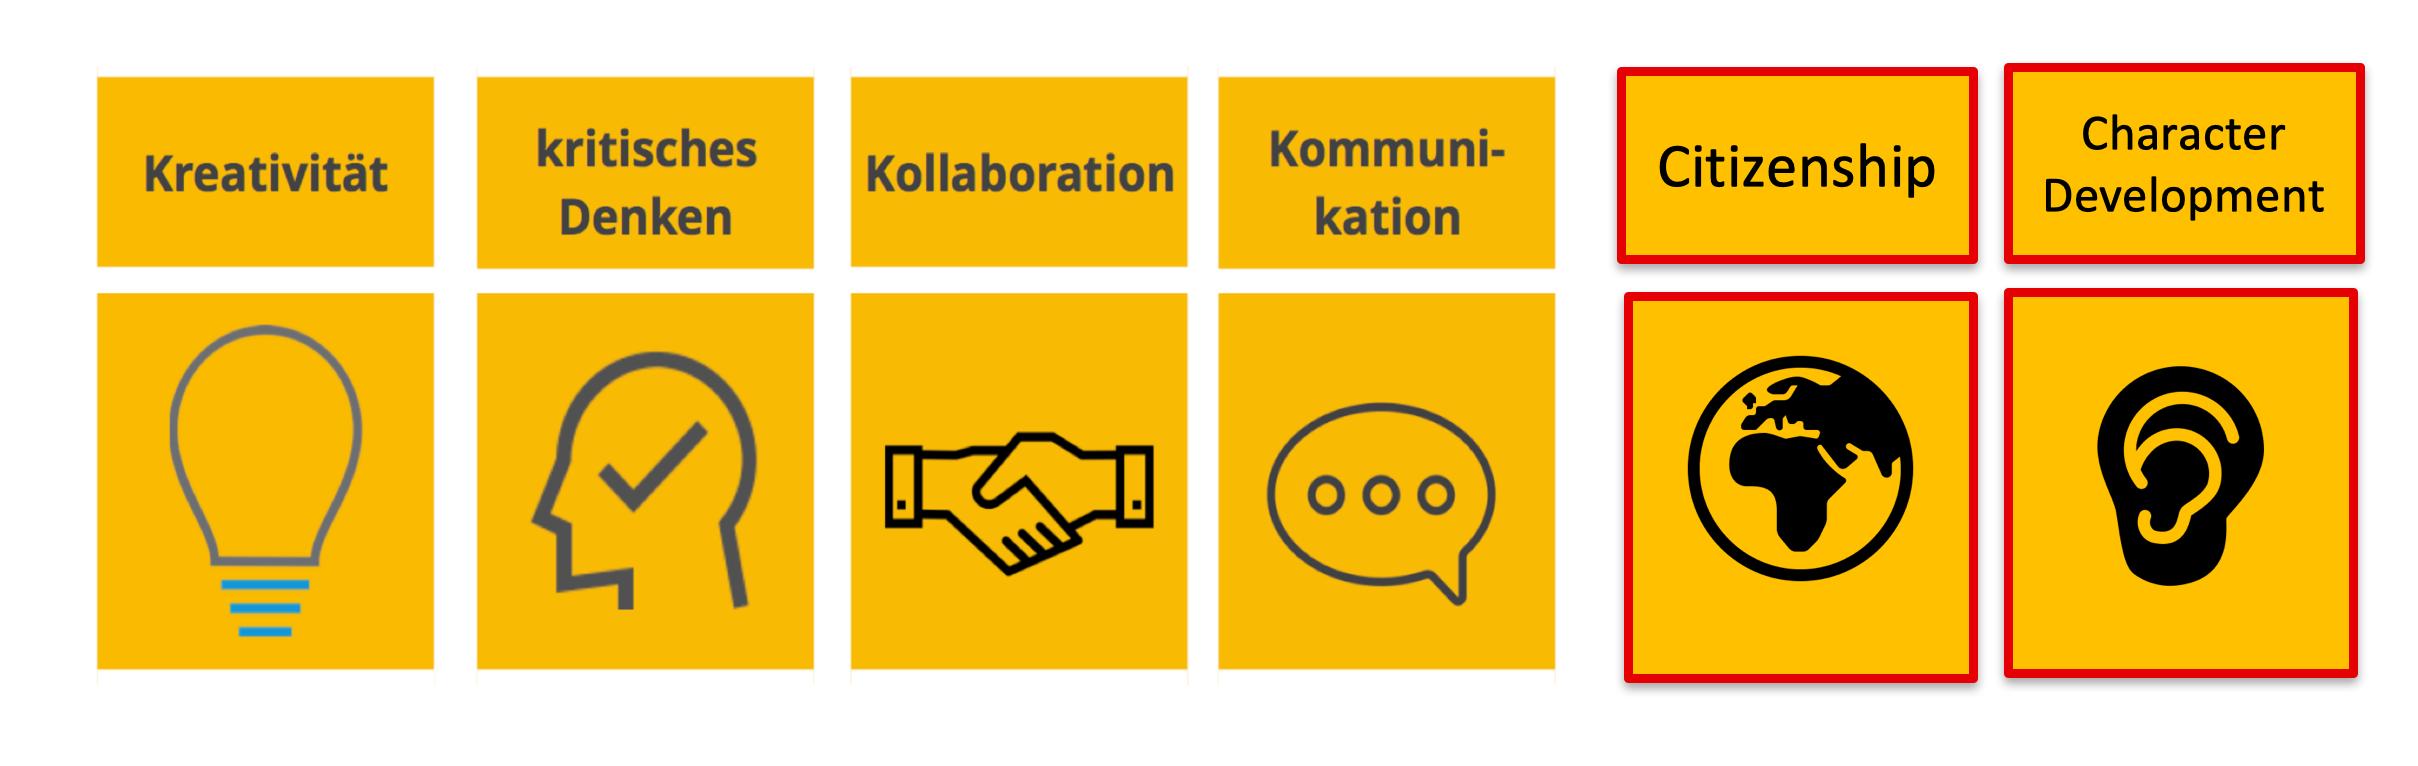 Kernkompetenzen für Lernende des 21. Jahrhunderts: Kreativität, kritisches Denken, Kollaboration, Kommunikation, Citizenship, Character Development